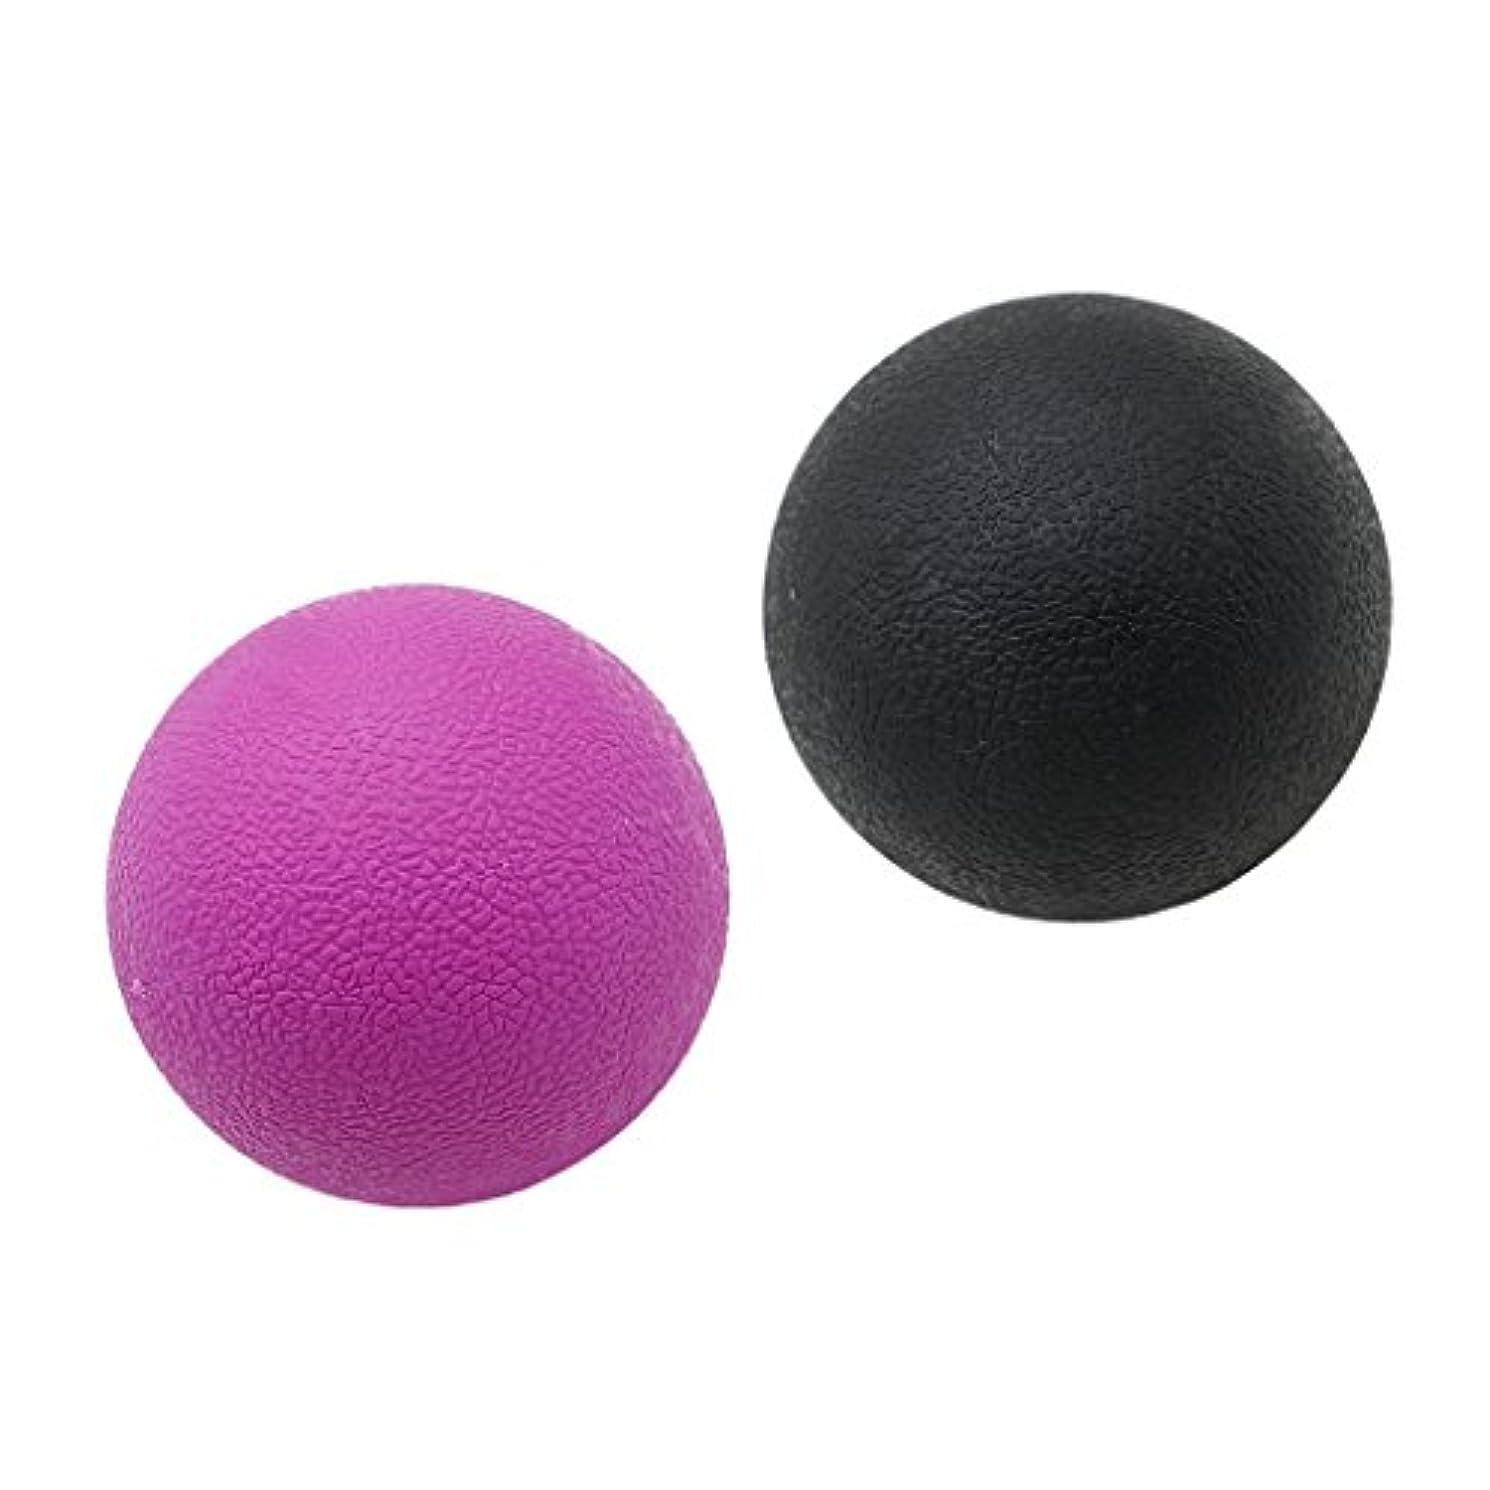 けん引カラス果てしない2個 マッサージボール ストレッチボール トリガーポイント トレーニング 背中 肩 腰 マッサージ 多色選べる - ブラックパープル